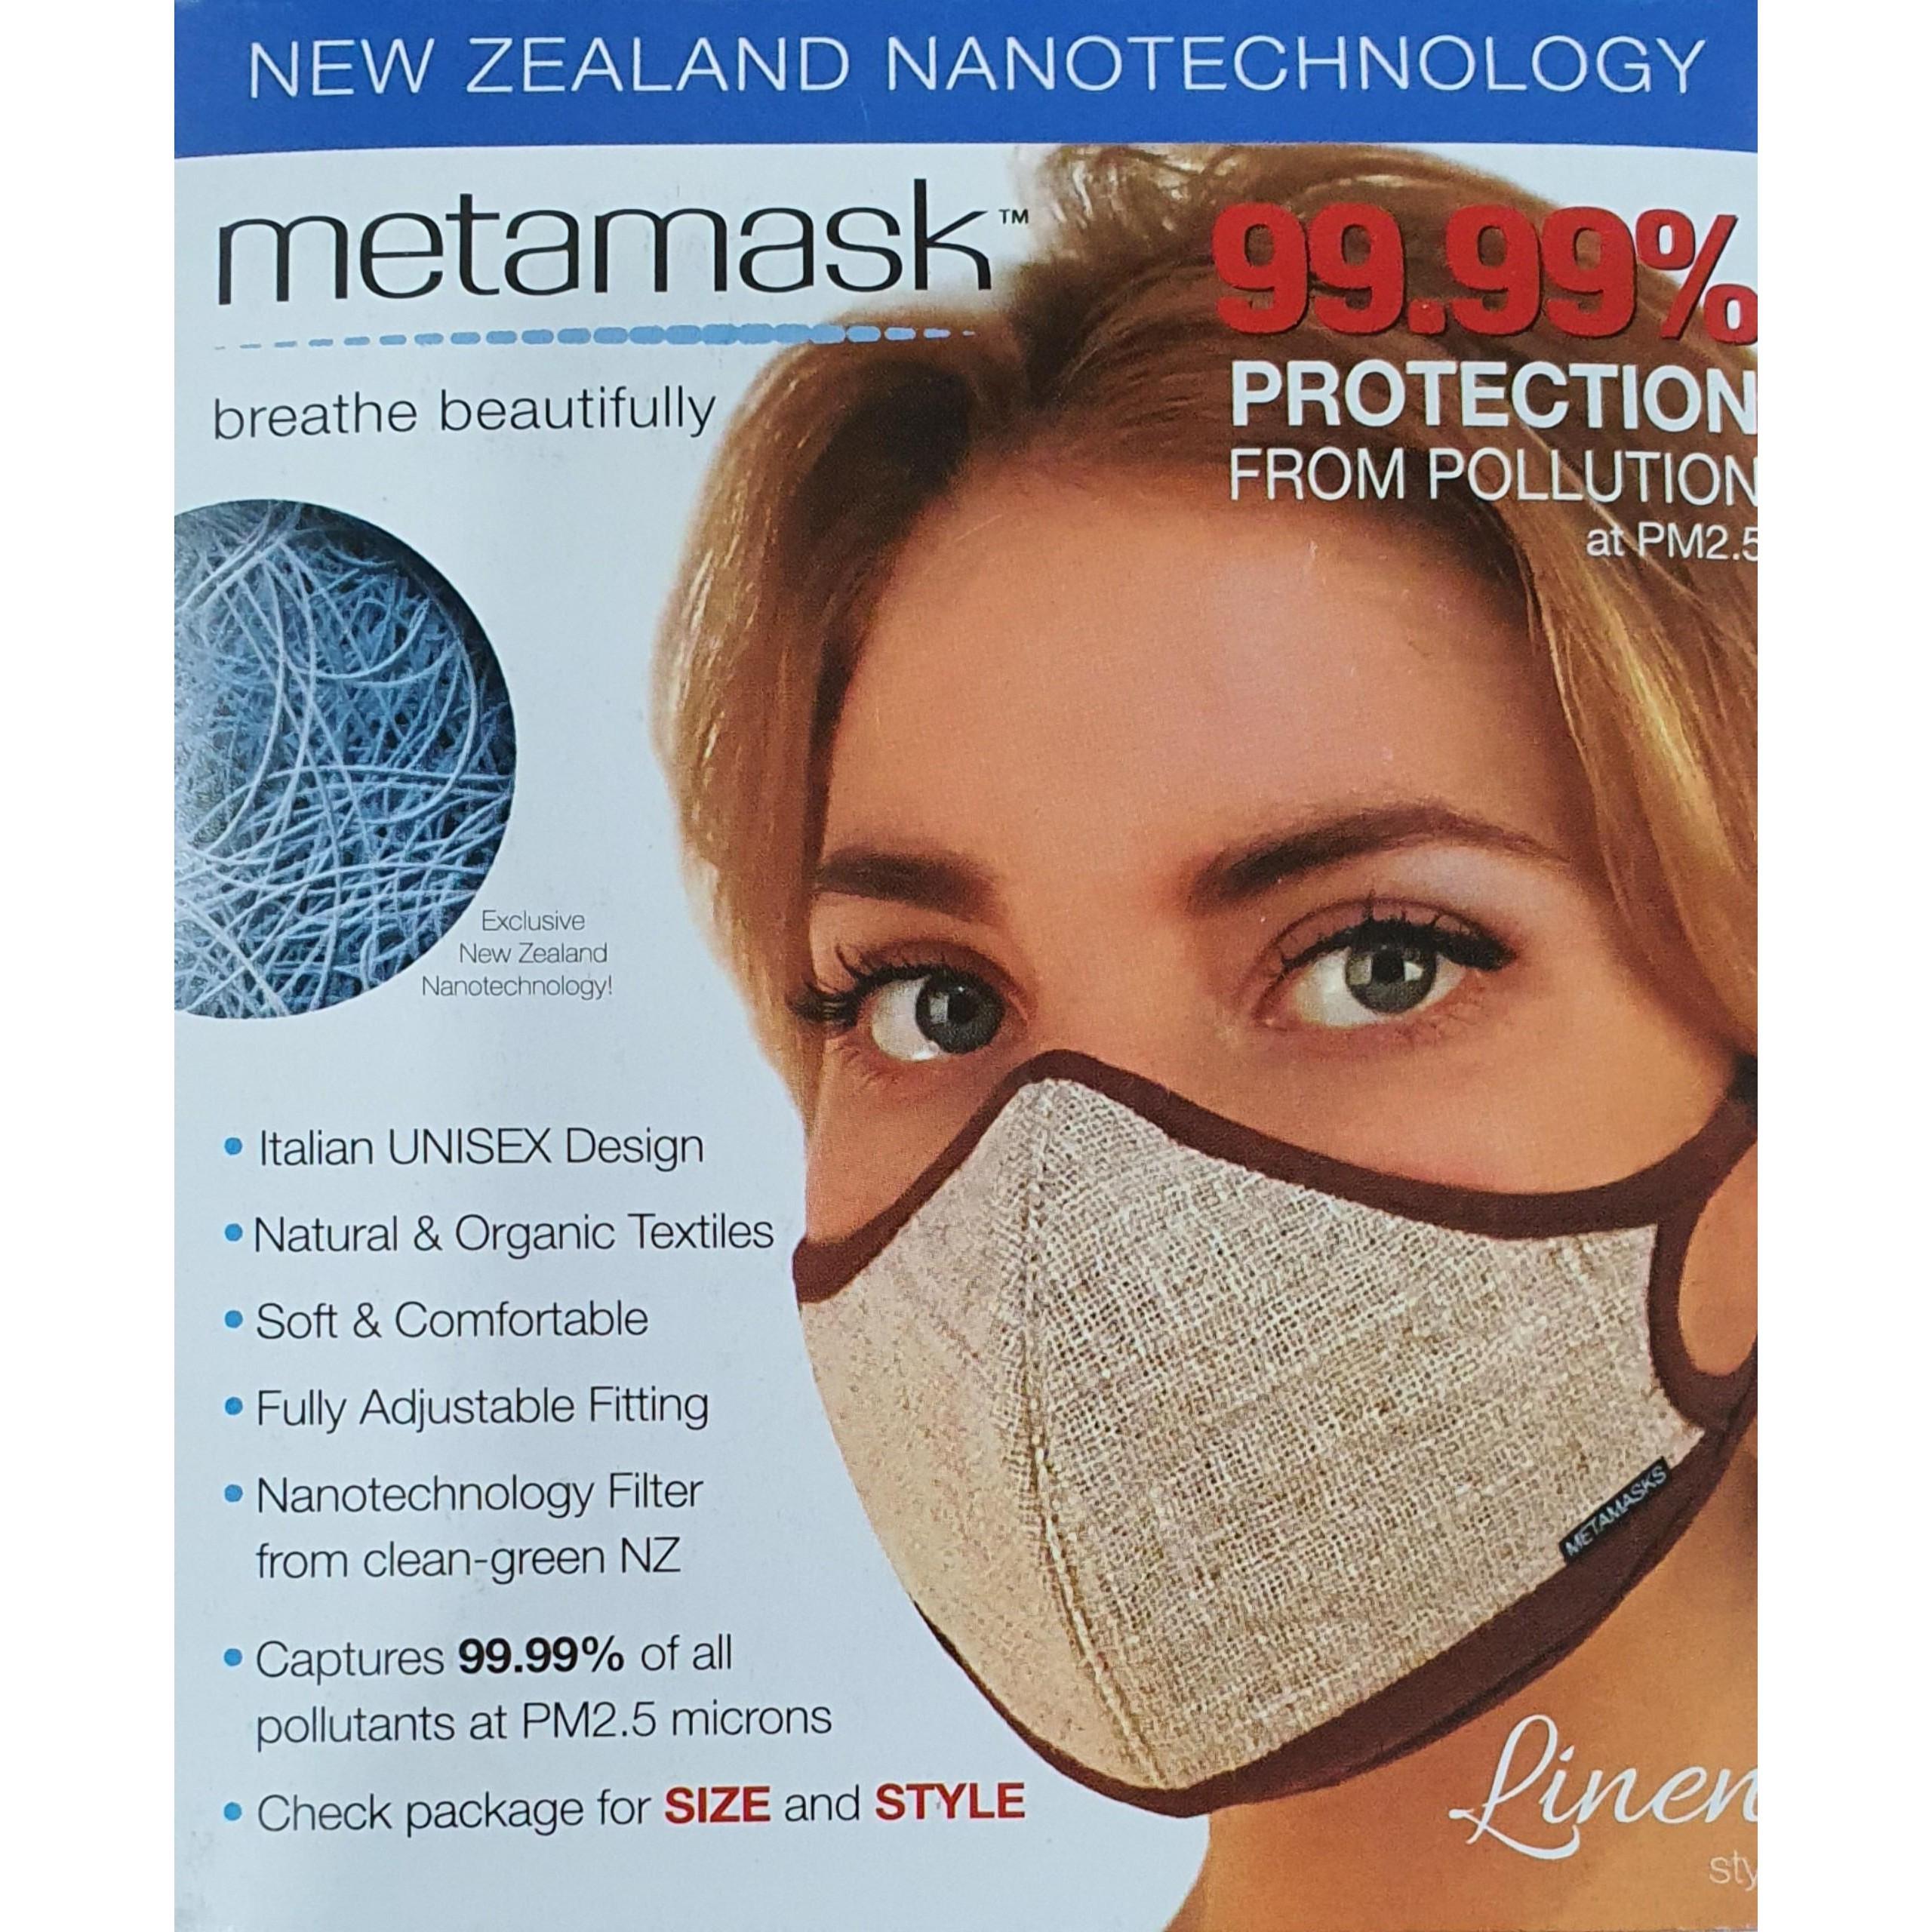 Khẩu Trang Cao Cấp Metamasks - Phòng chống hiệu quả Bụi Mịn Và Các Vi Khuẩn, Virus Có Hại  - L - Linen